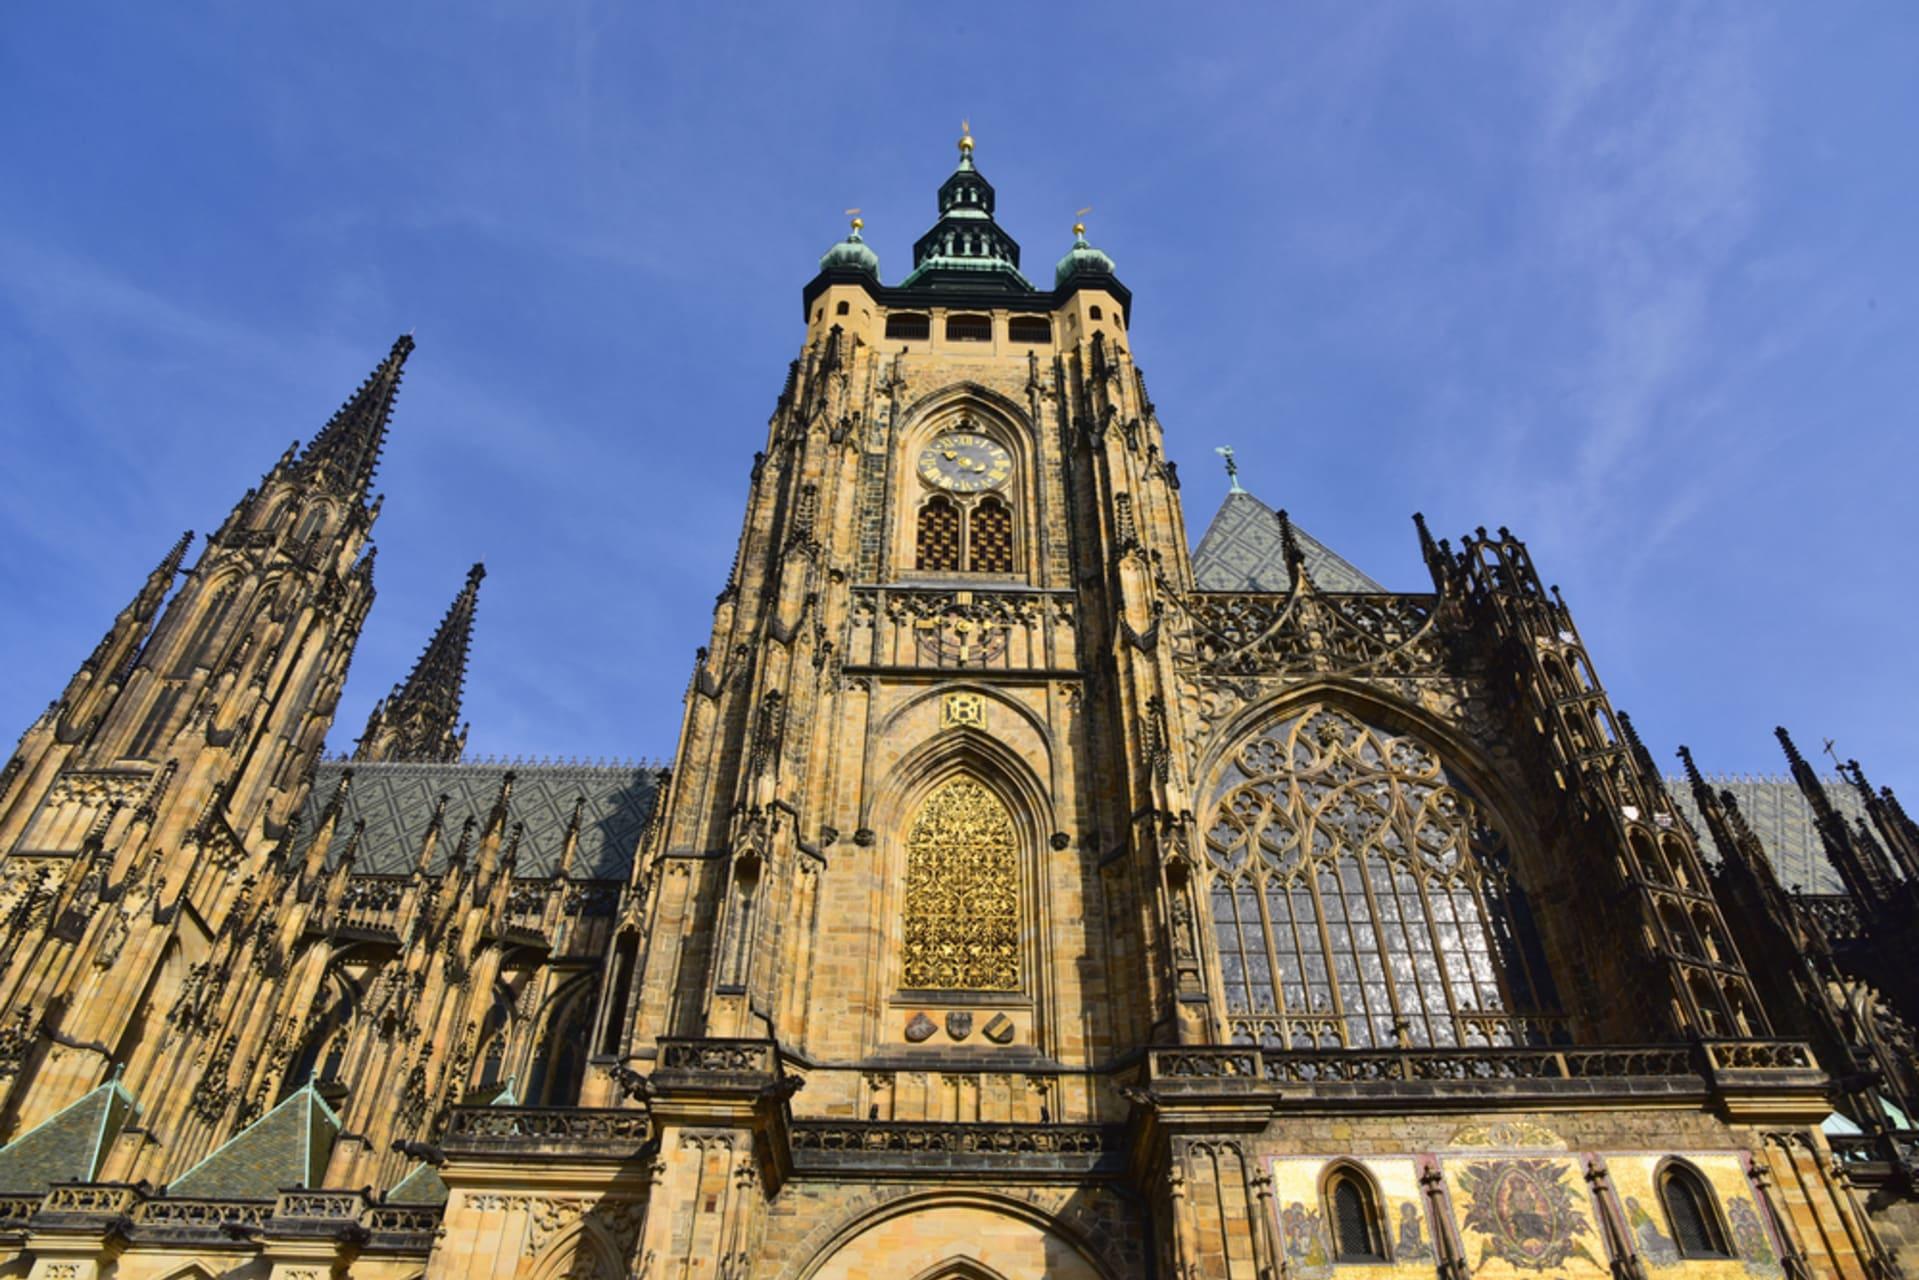 Prague - Majestic Prague castle - Part 2 - Prague castle by day